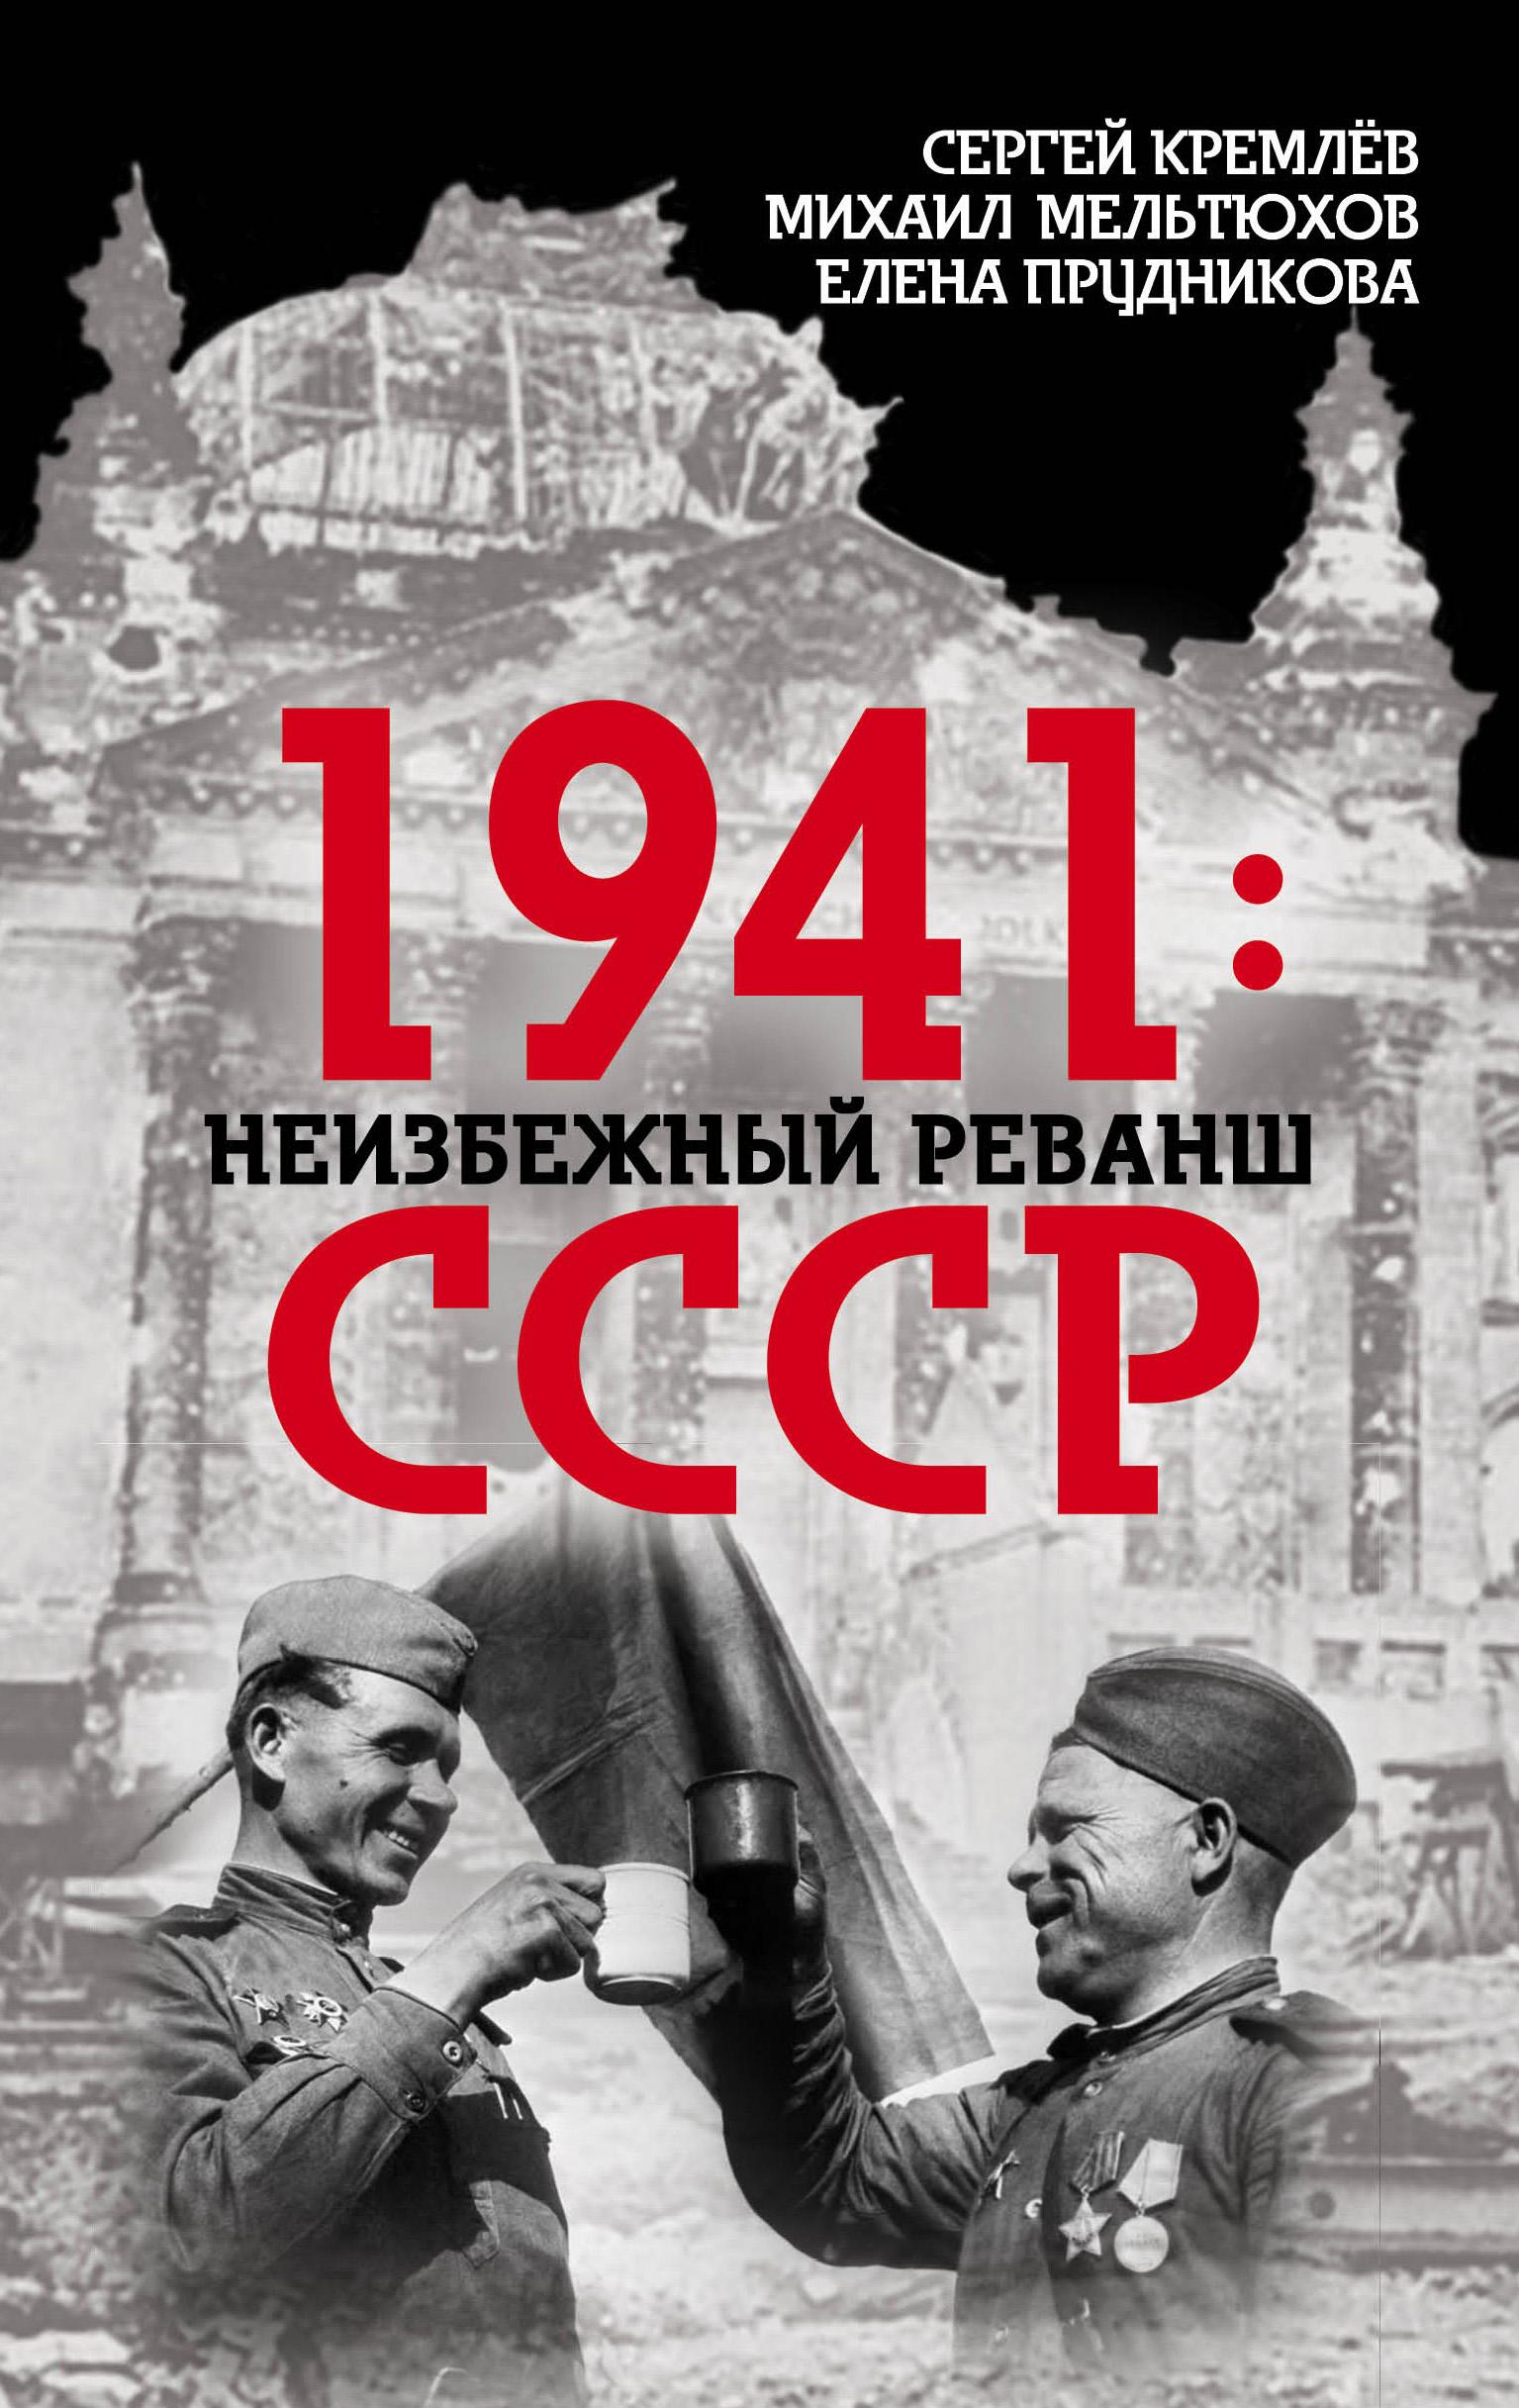 Елена Прудникова 1941: неизбежный реванш СССР кремлев с прудникова е 1941 подлинные причины провала блицкрига